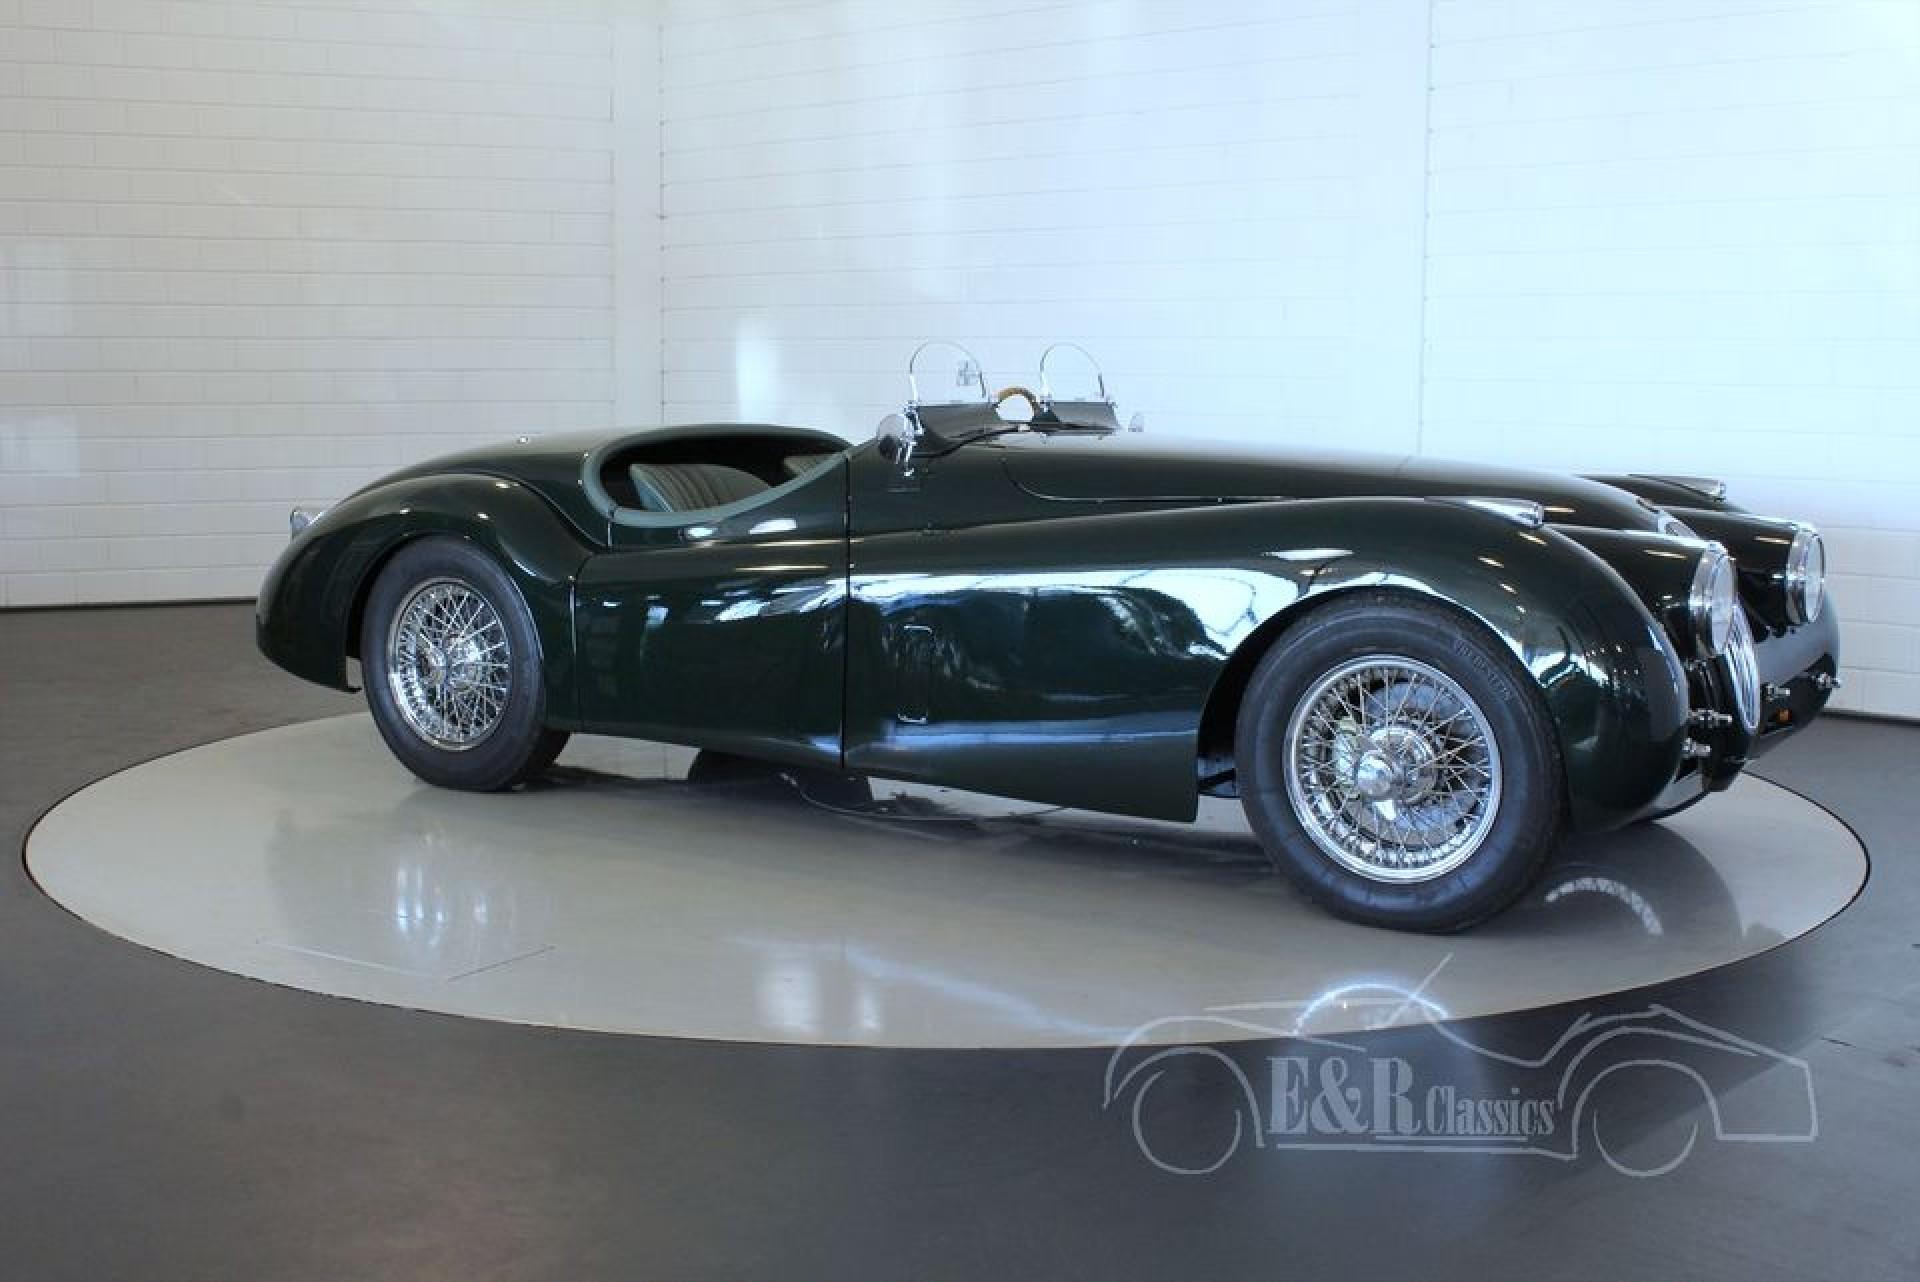 jaguar xk 120 roadster 1952 vendre erclassics. Black Bedroom Furniture Sets. Home Design Ideas